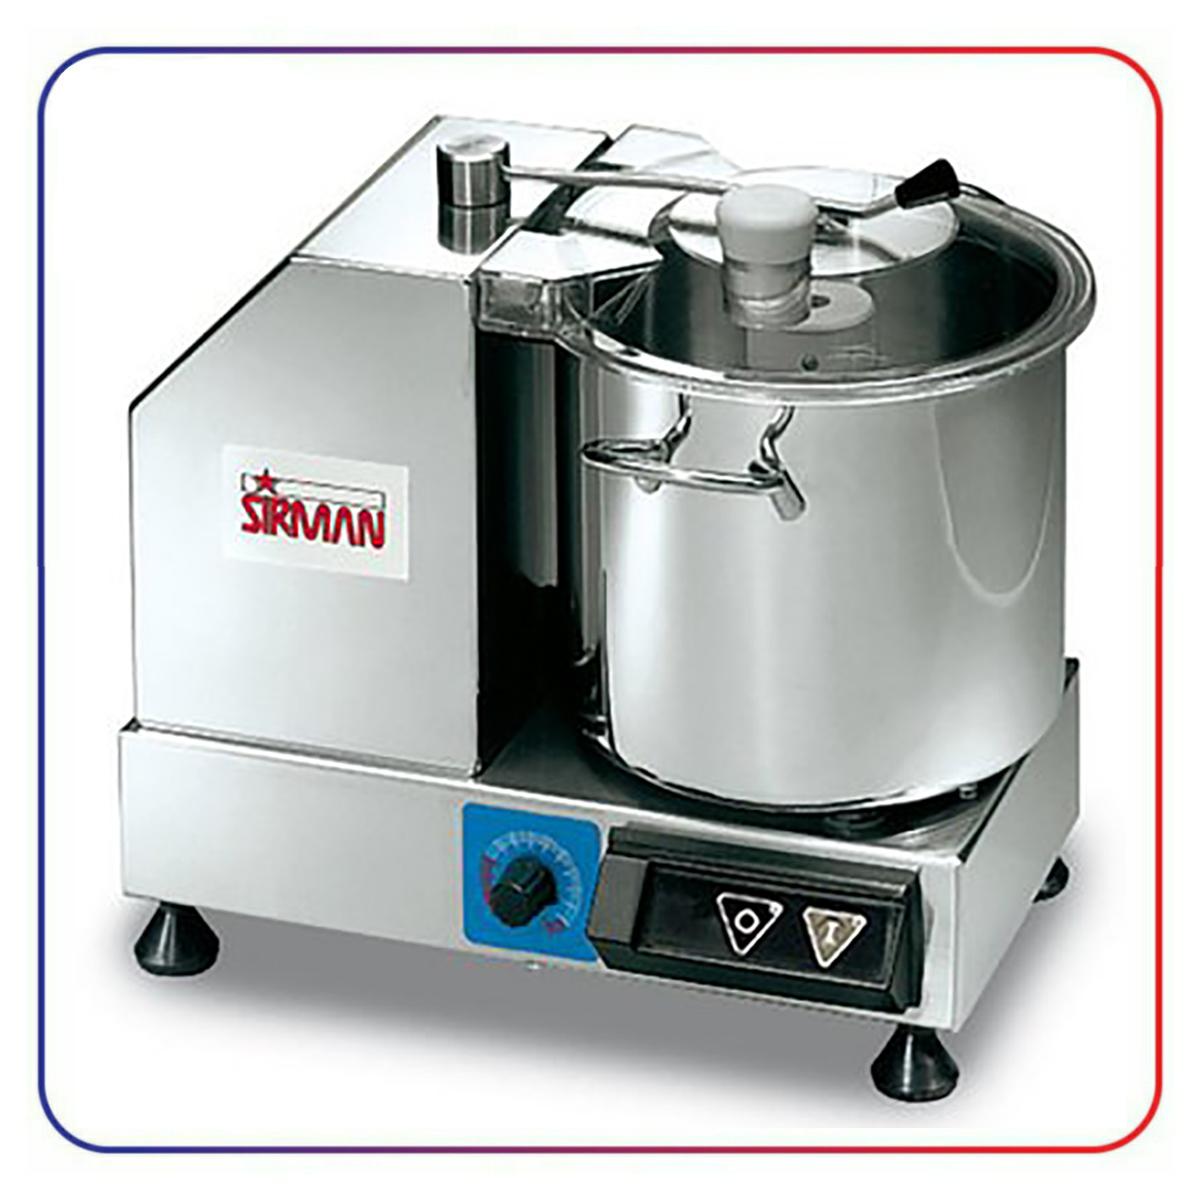 غذاساز سیرمن 9 لیتری SIRMAN BOWL CUTTER C9